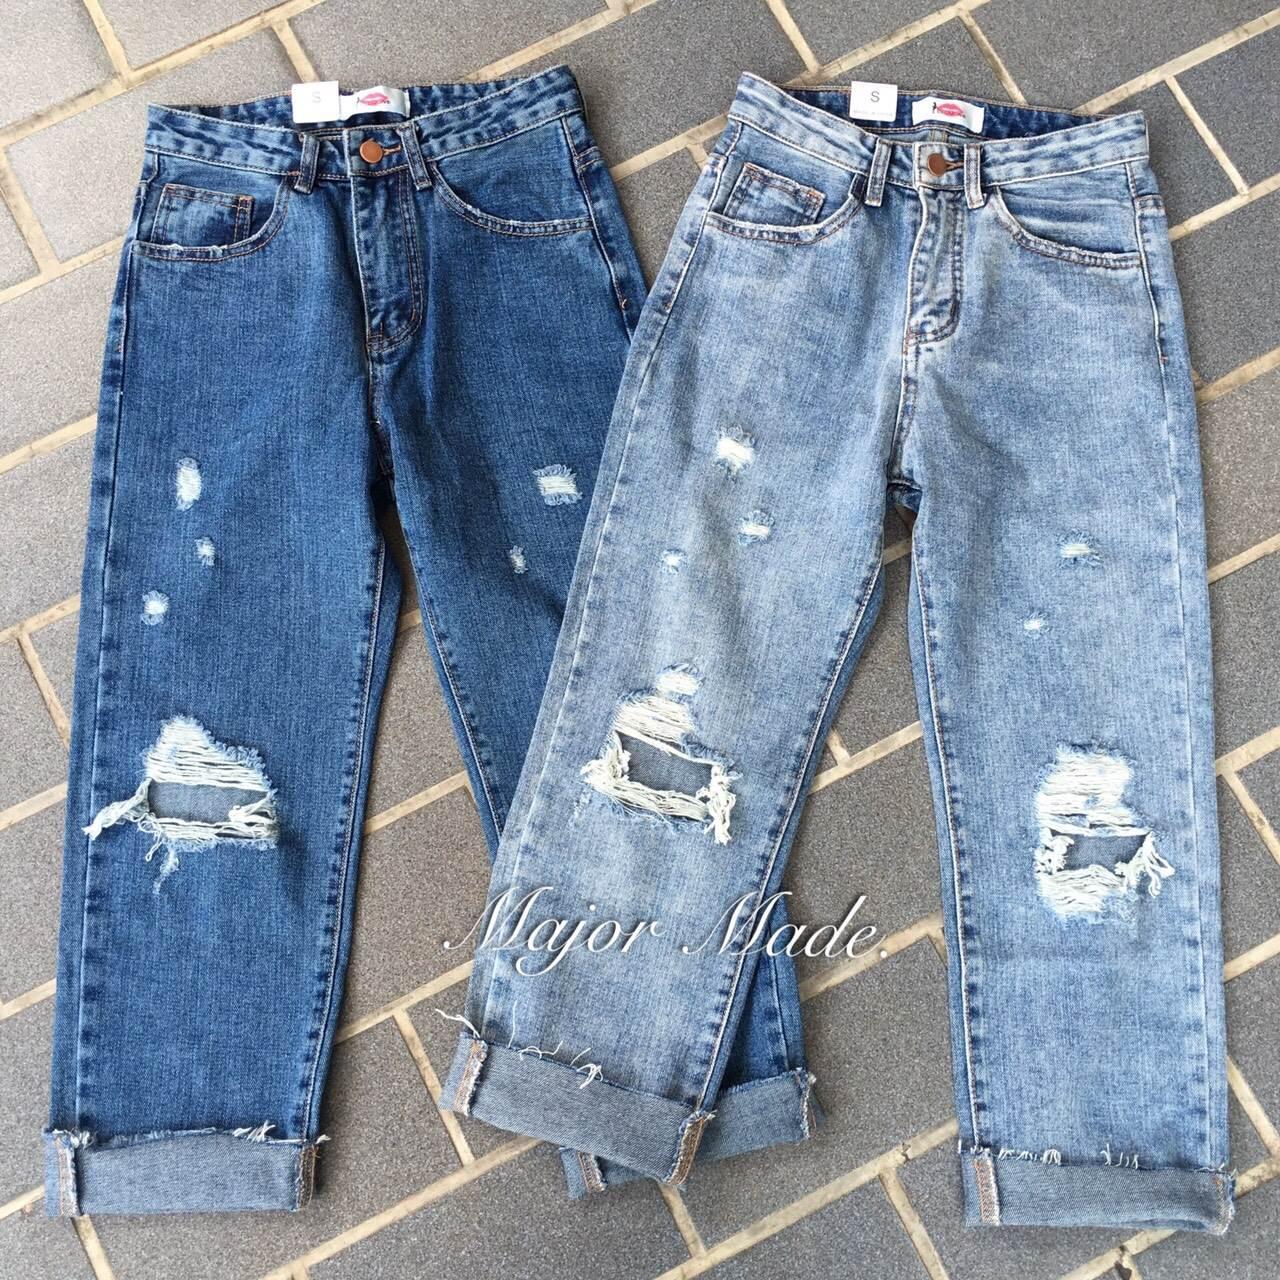 เสื้อผ้าแฟชั่นเกาหลีพร้อมส่ง กางเกงยีนส์ทรงบอยขา 8 ส่วน